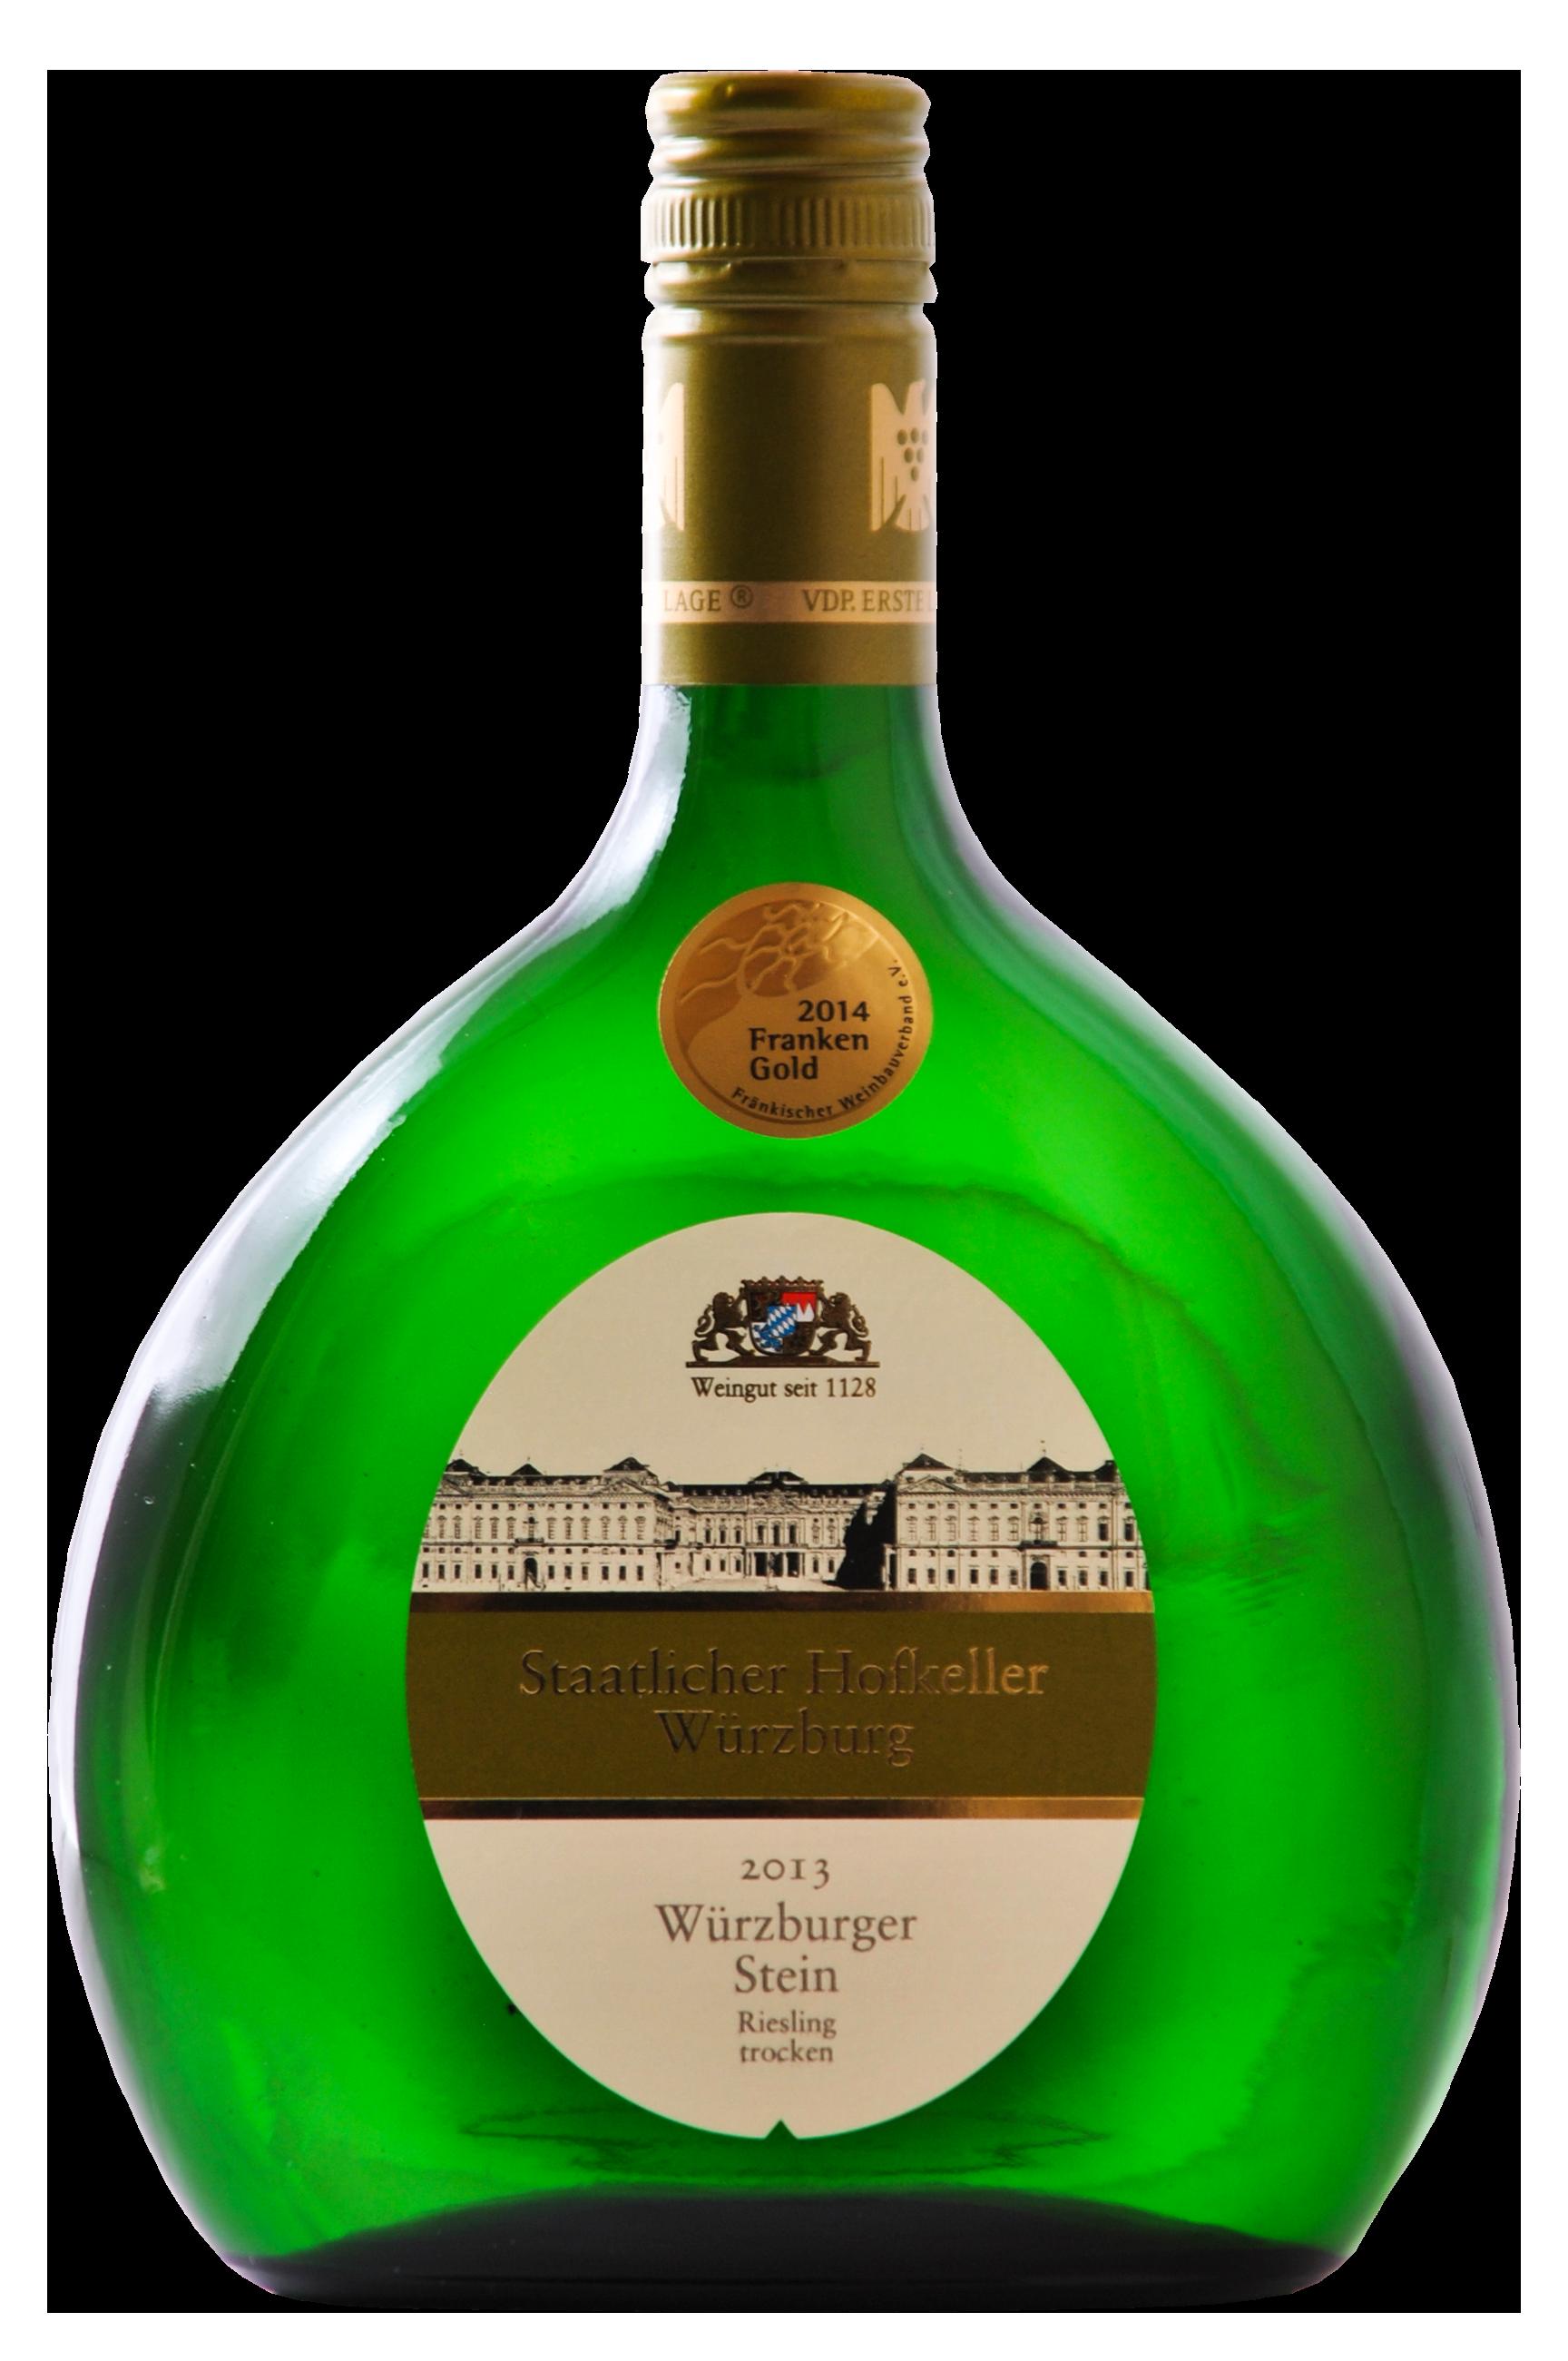 Wurzburger Stein - Vins Pirard